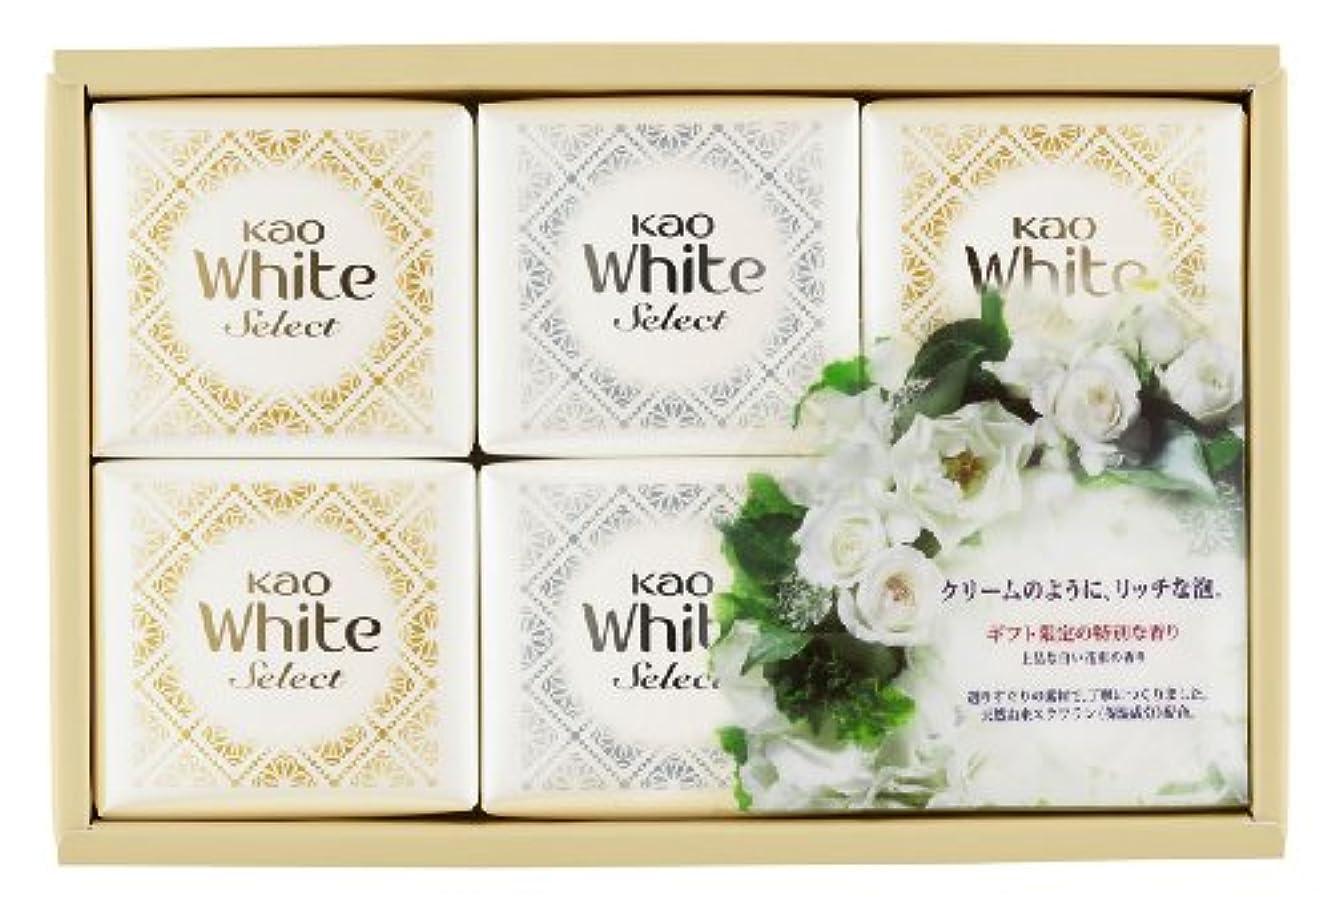 テント試験エイリアン花王ホワイト セレクト 上品な白い花束の香り 固形せっけん 6コ (K?WS-10)